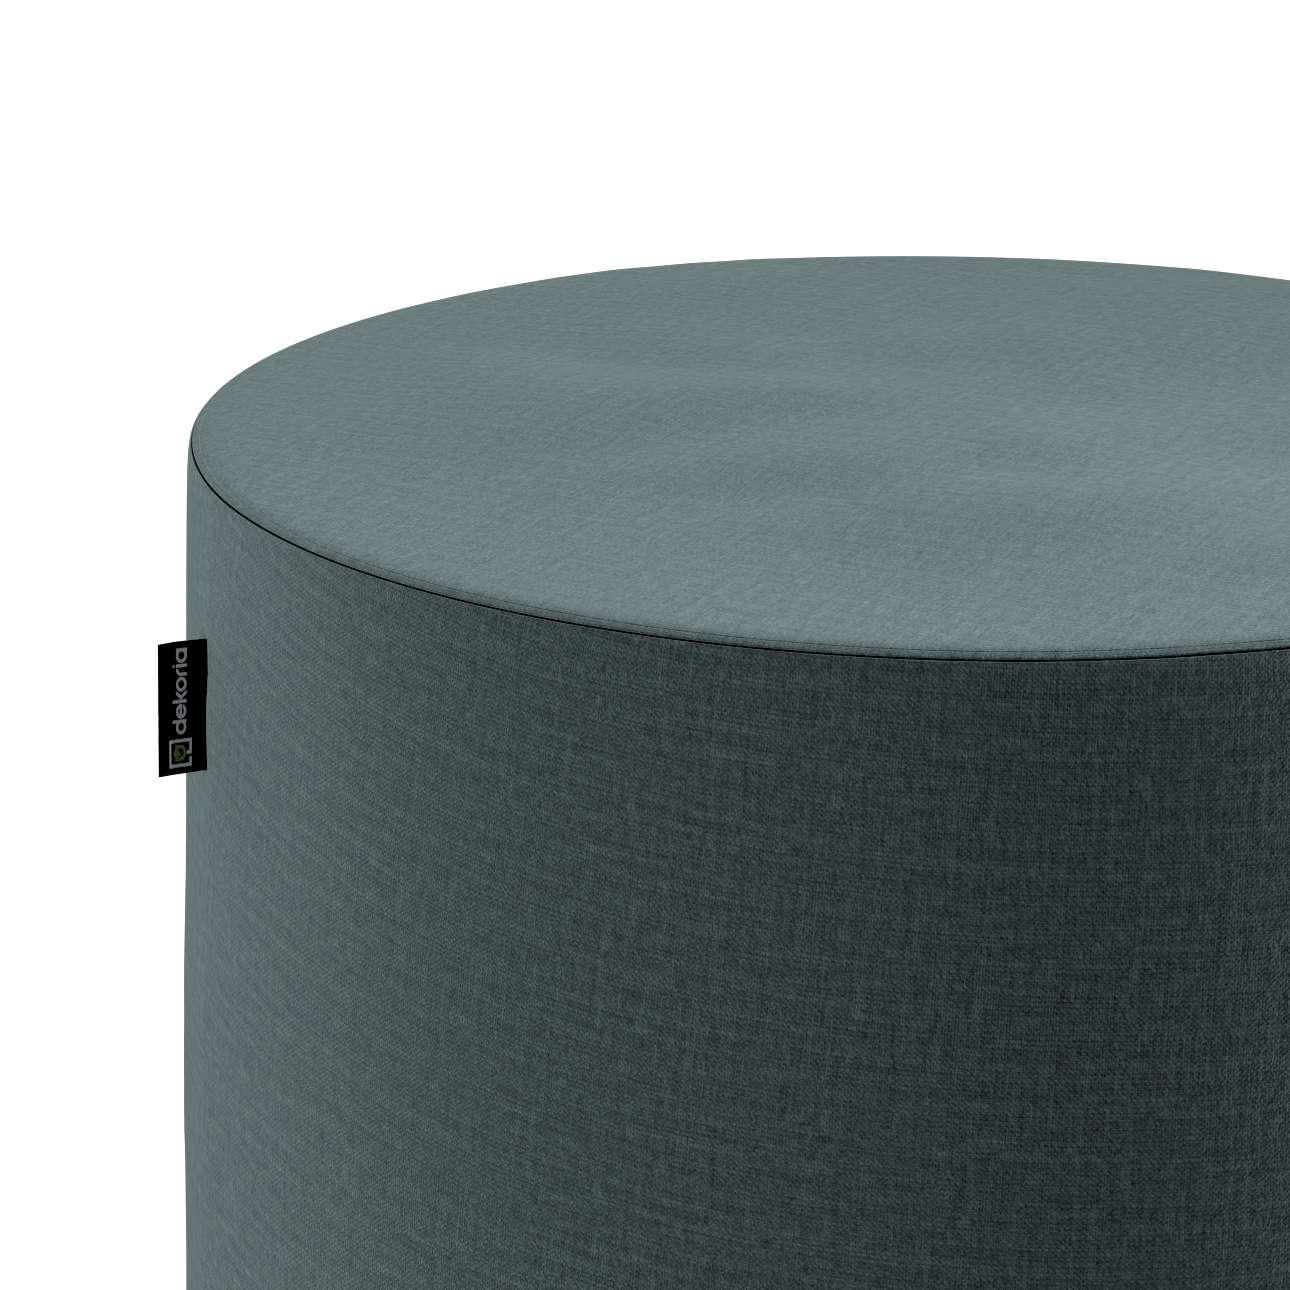 Pouf Barrel von der Kollektion Ingrid, Stoff: 705-36